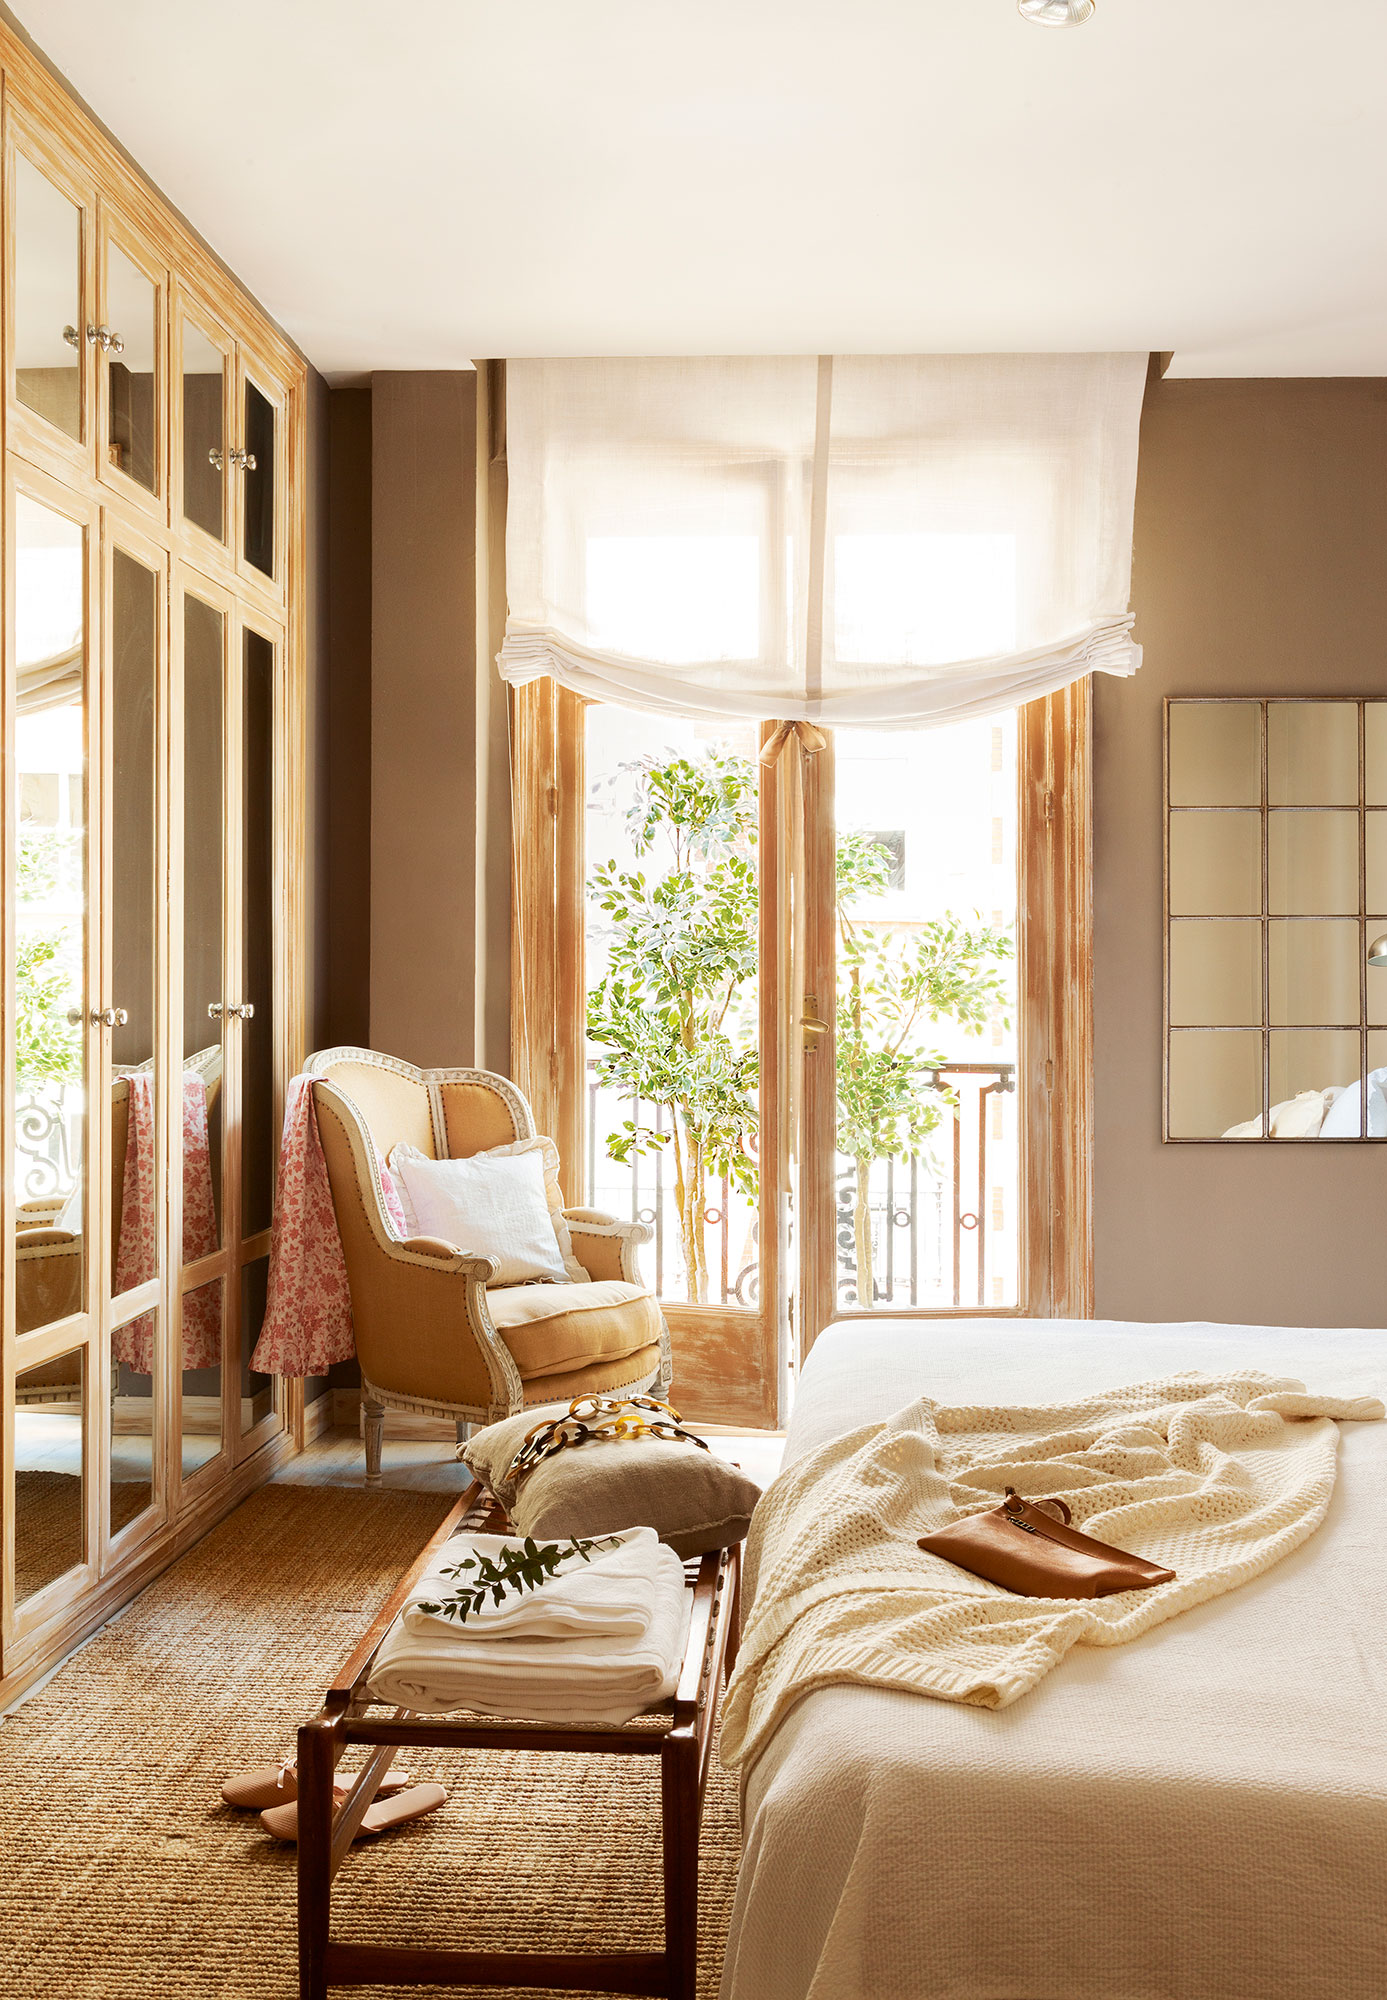 Armarios con espejo para dormitorio trendy c bm with for Roperos empotrados para dormitorios con espejo